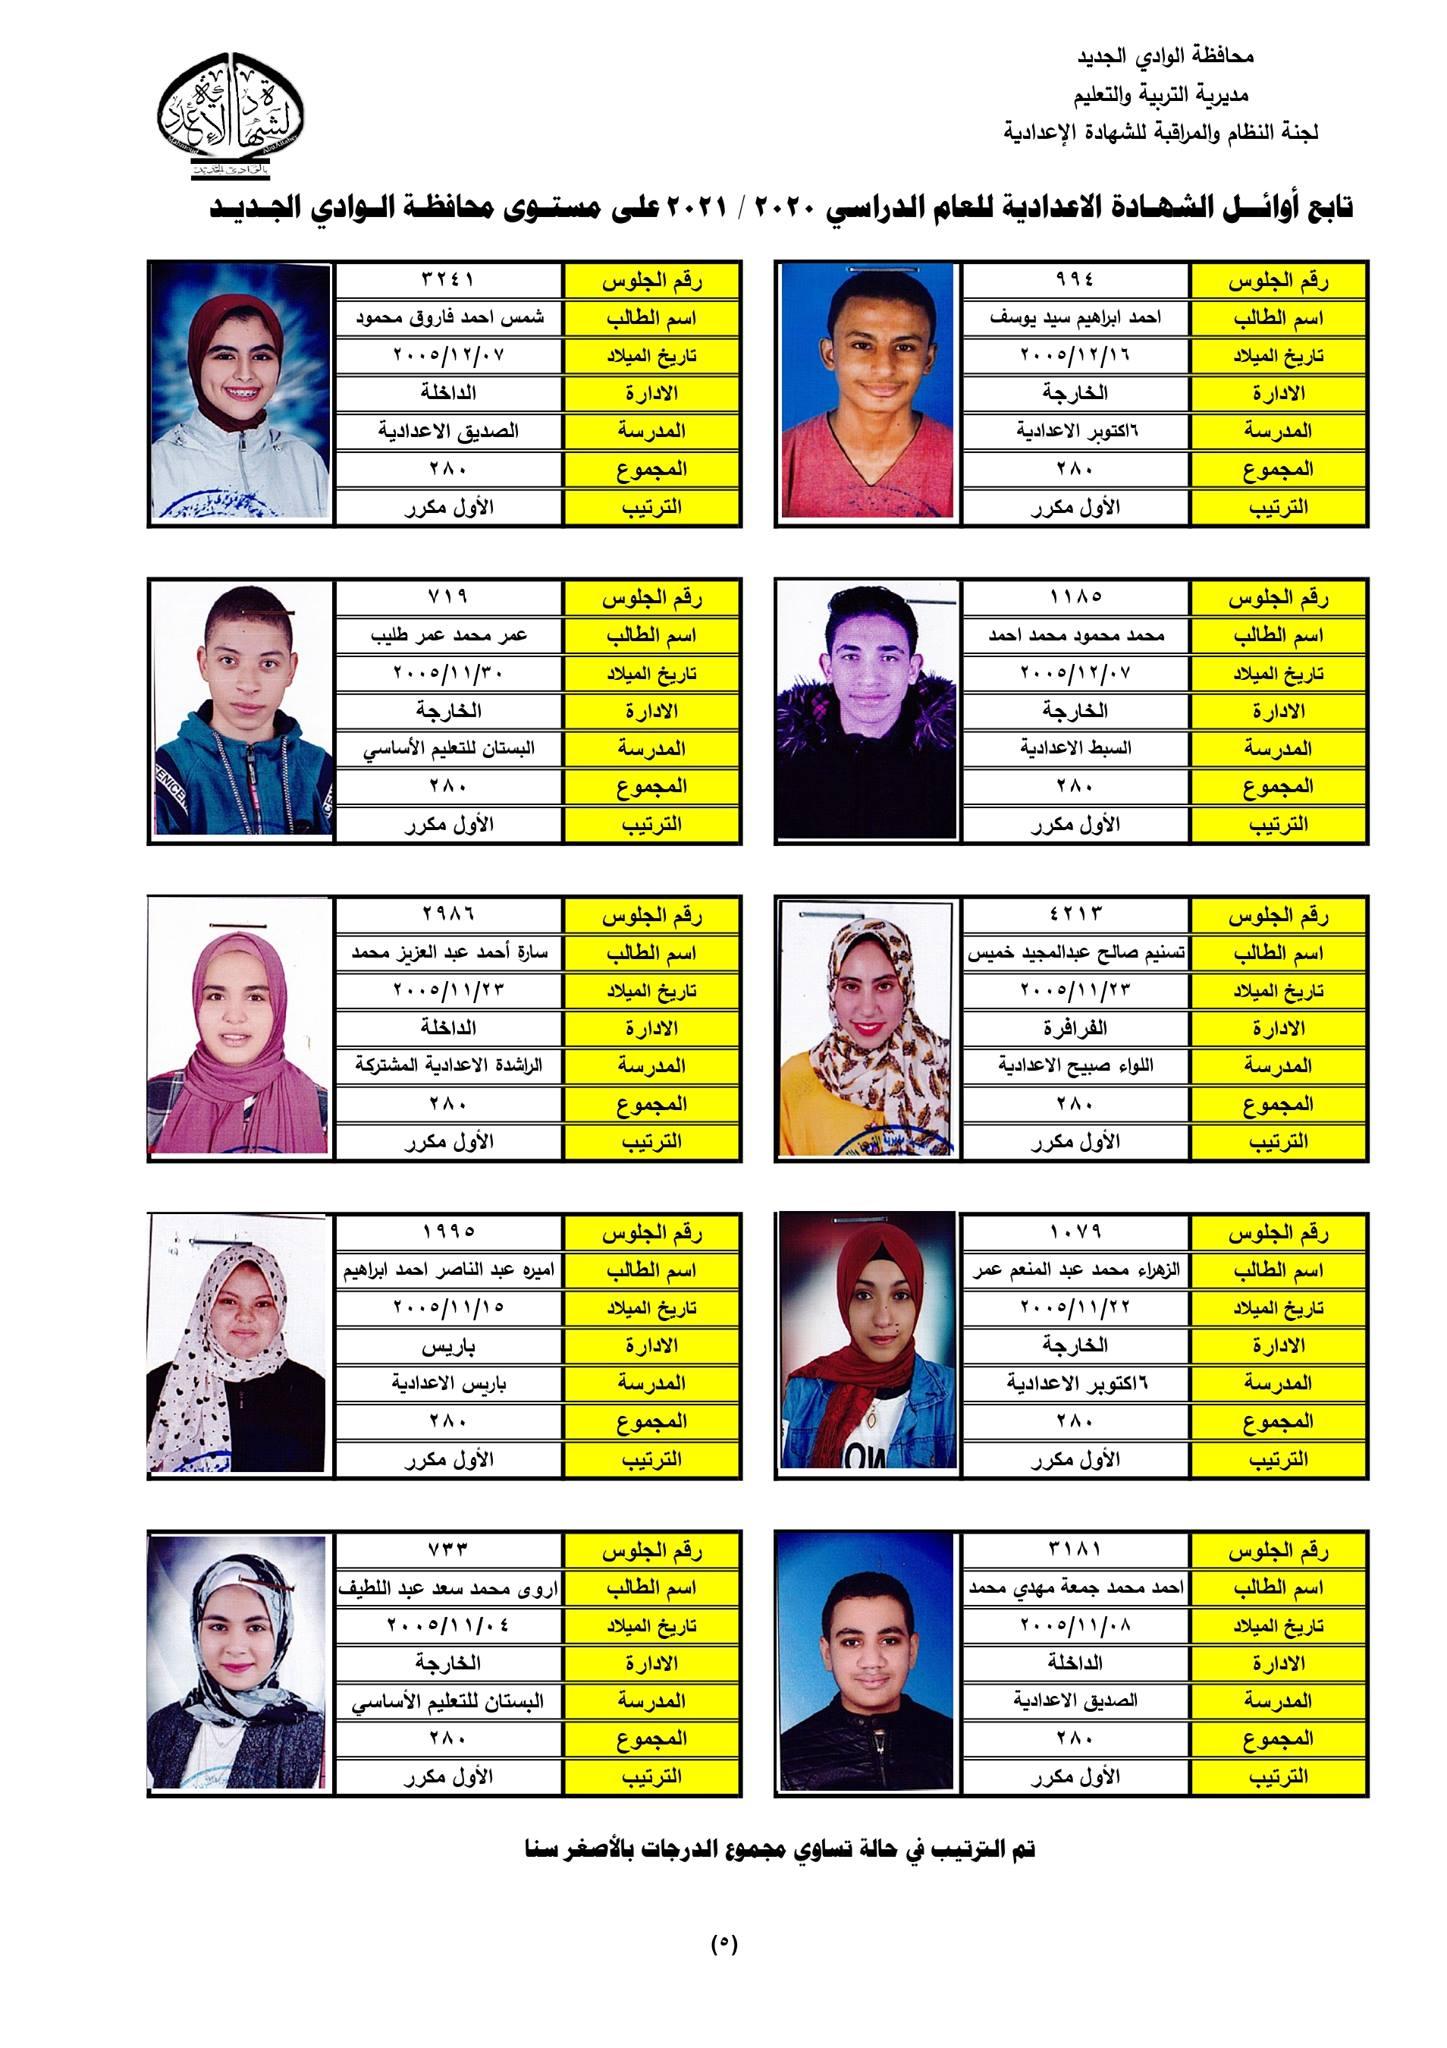 نتيجة الشهادة الإعدادية 2021 محافظة الوادي الجديد  9